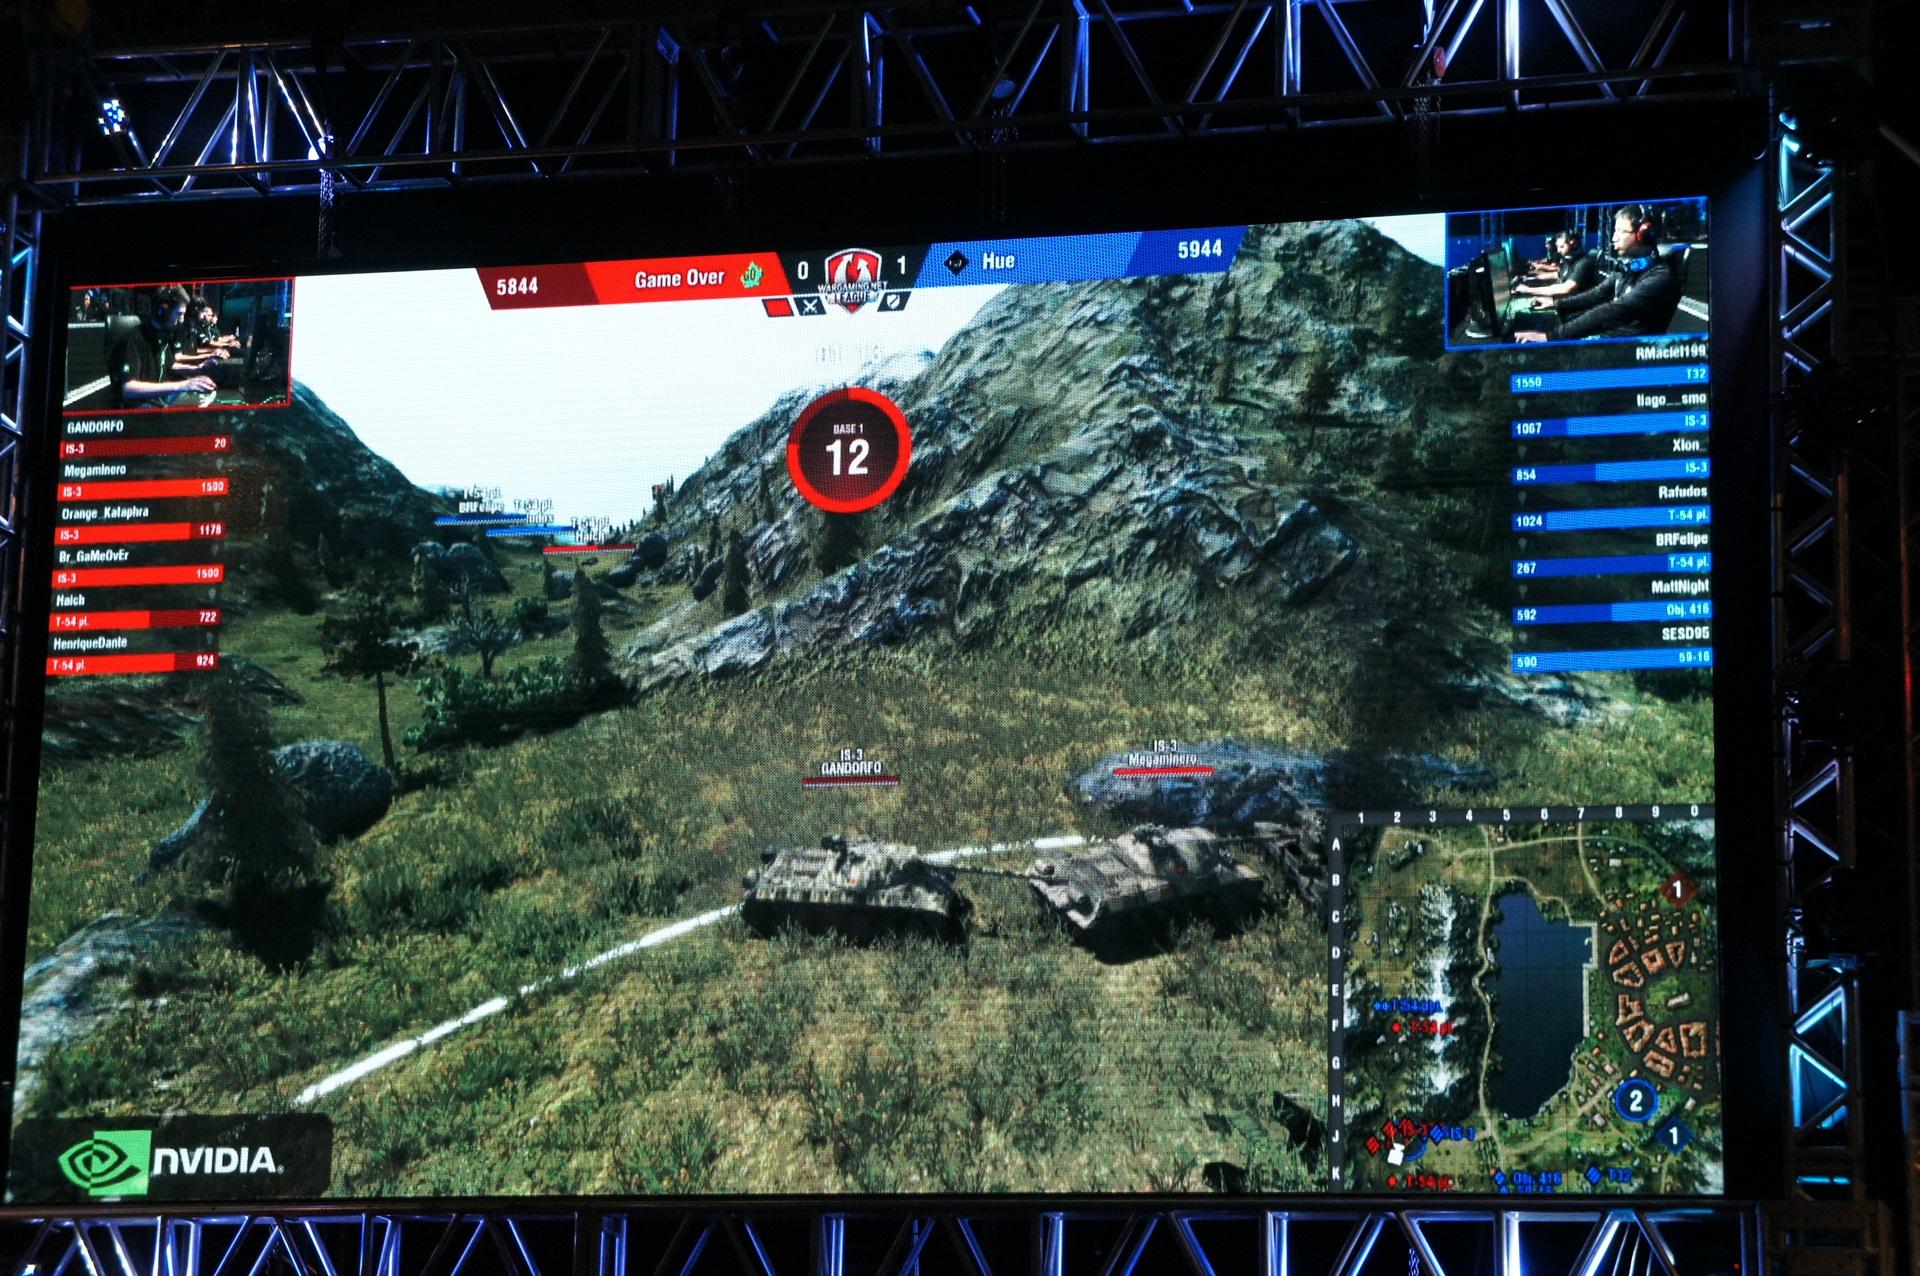 BRMA encerra o último dia de evento com campeonato de LoL e World of Tanks